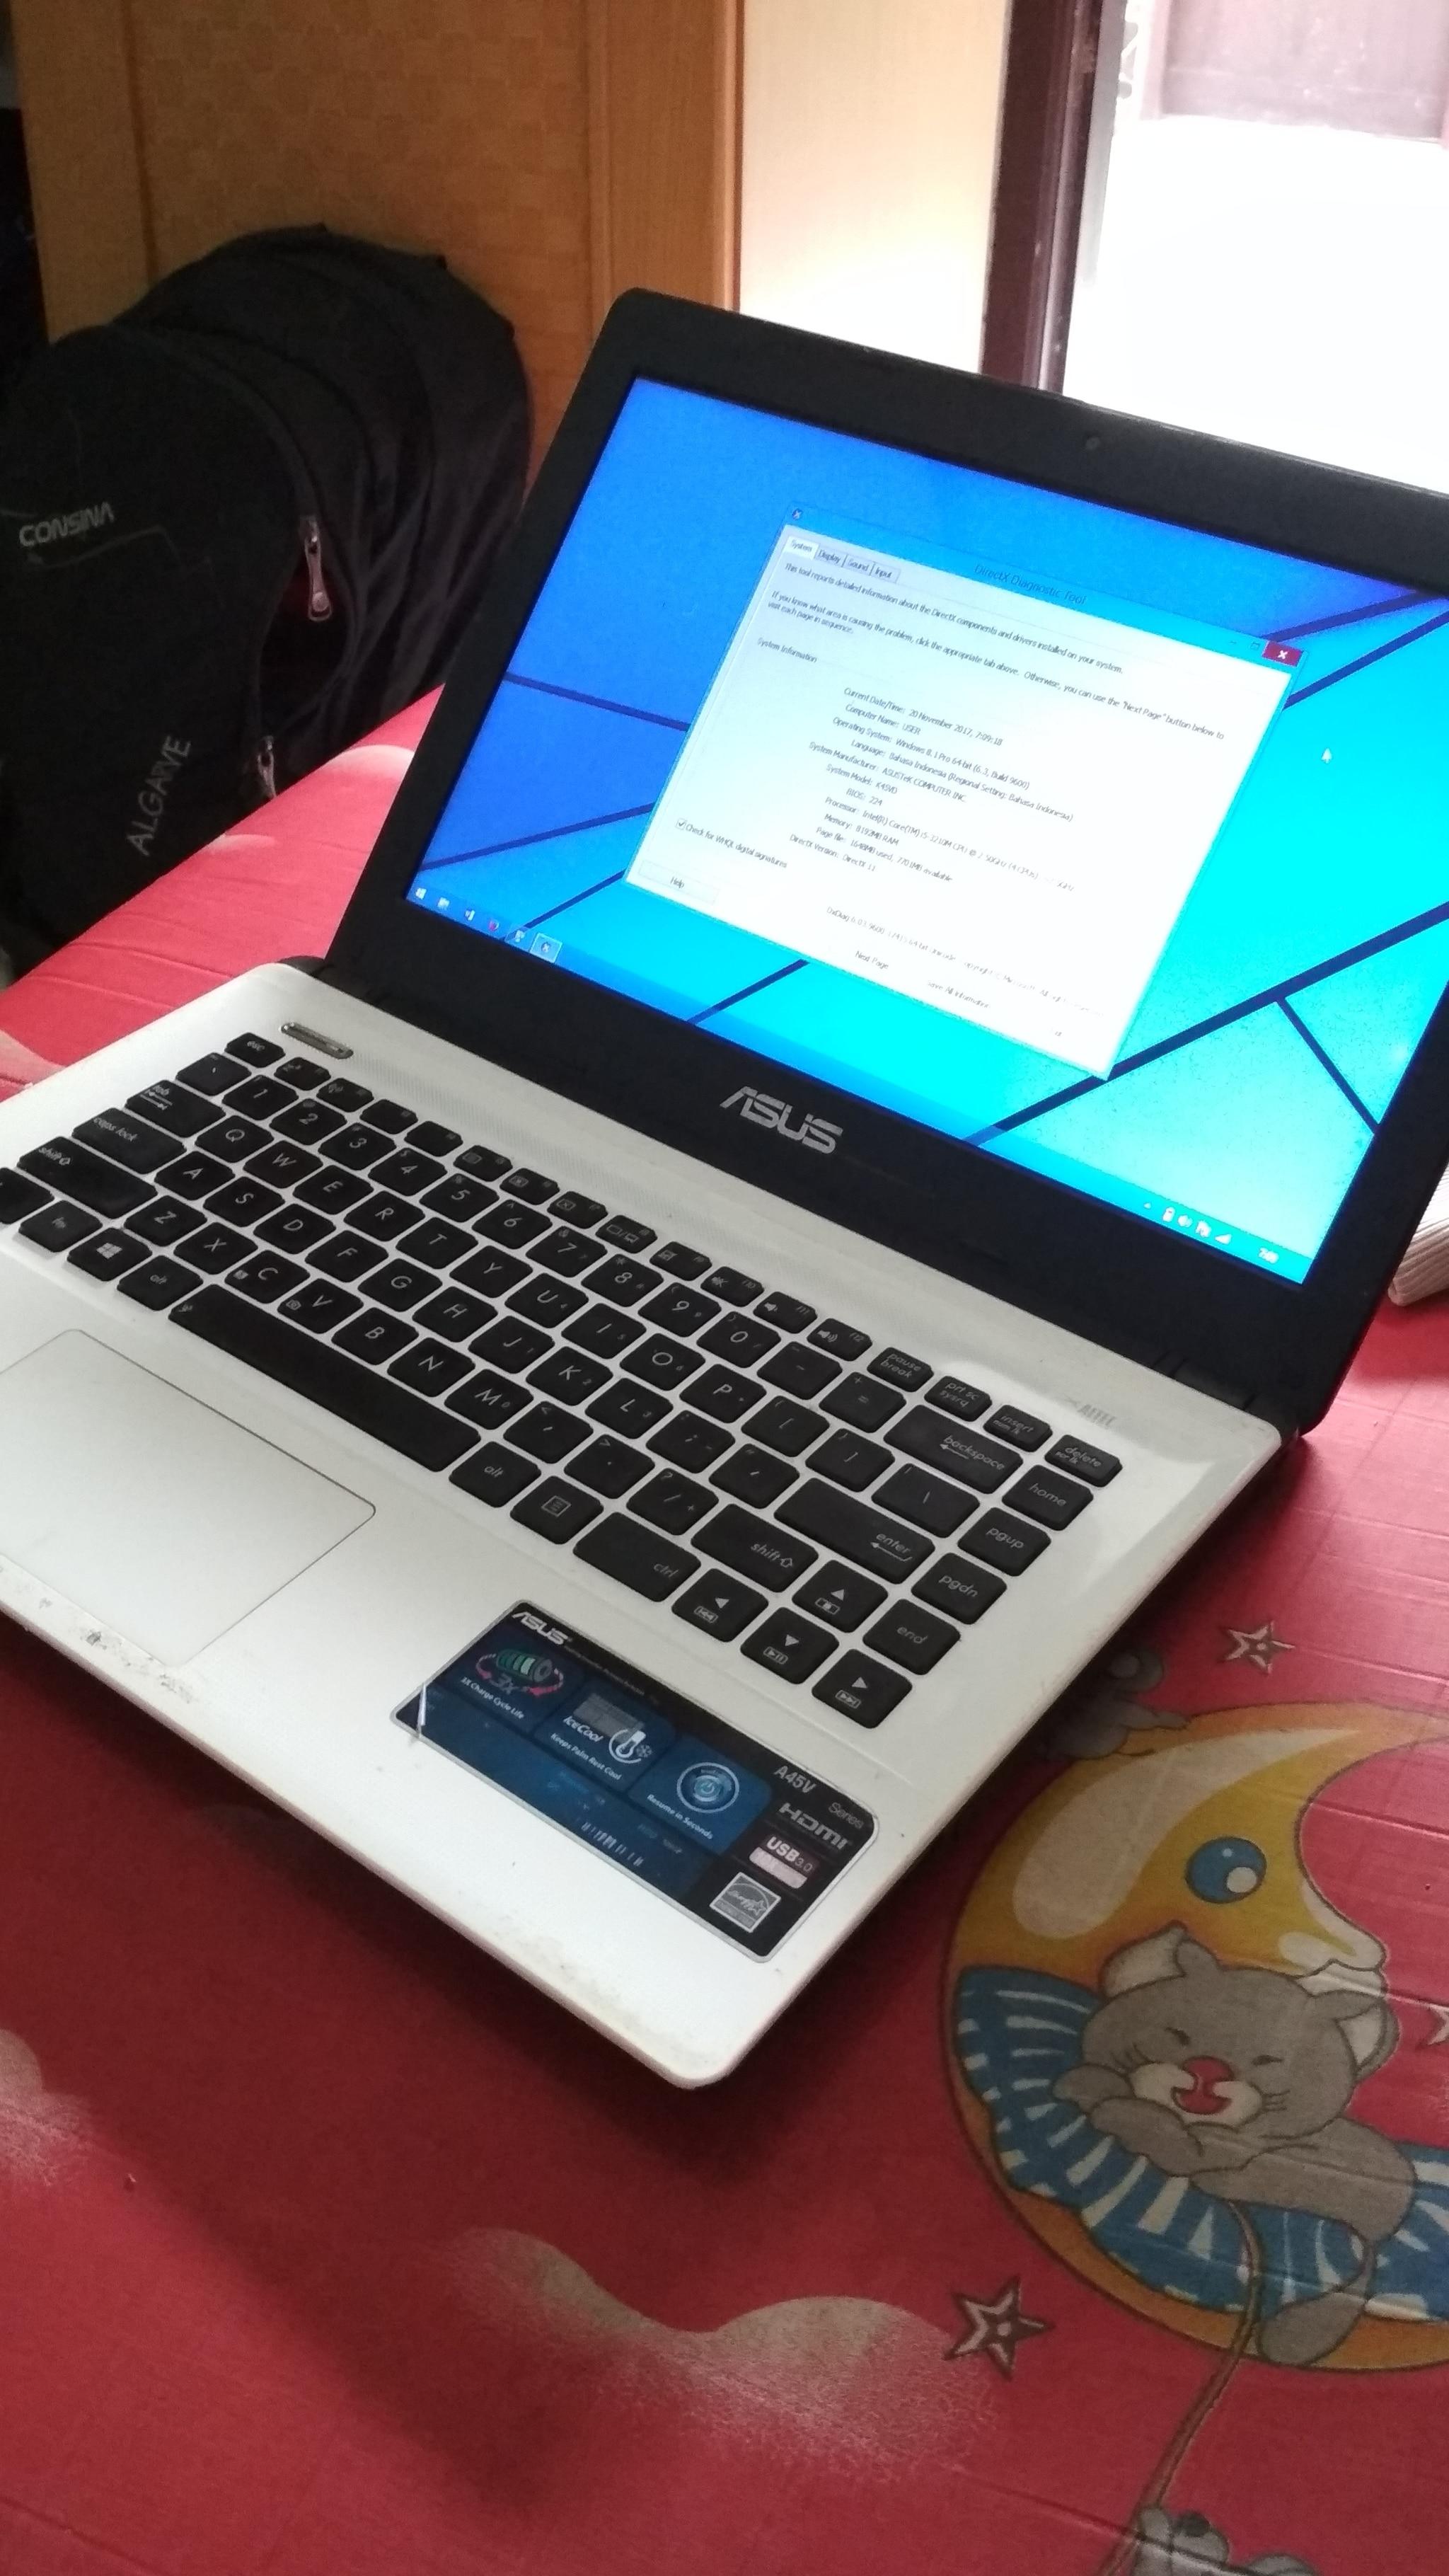 ASUS K45VD Intel Bluetooth Windows Vista 32-BIT